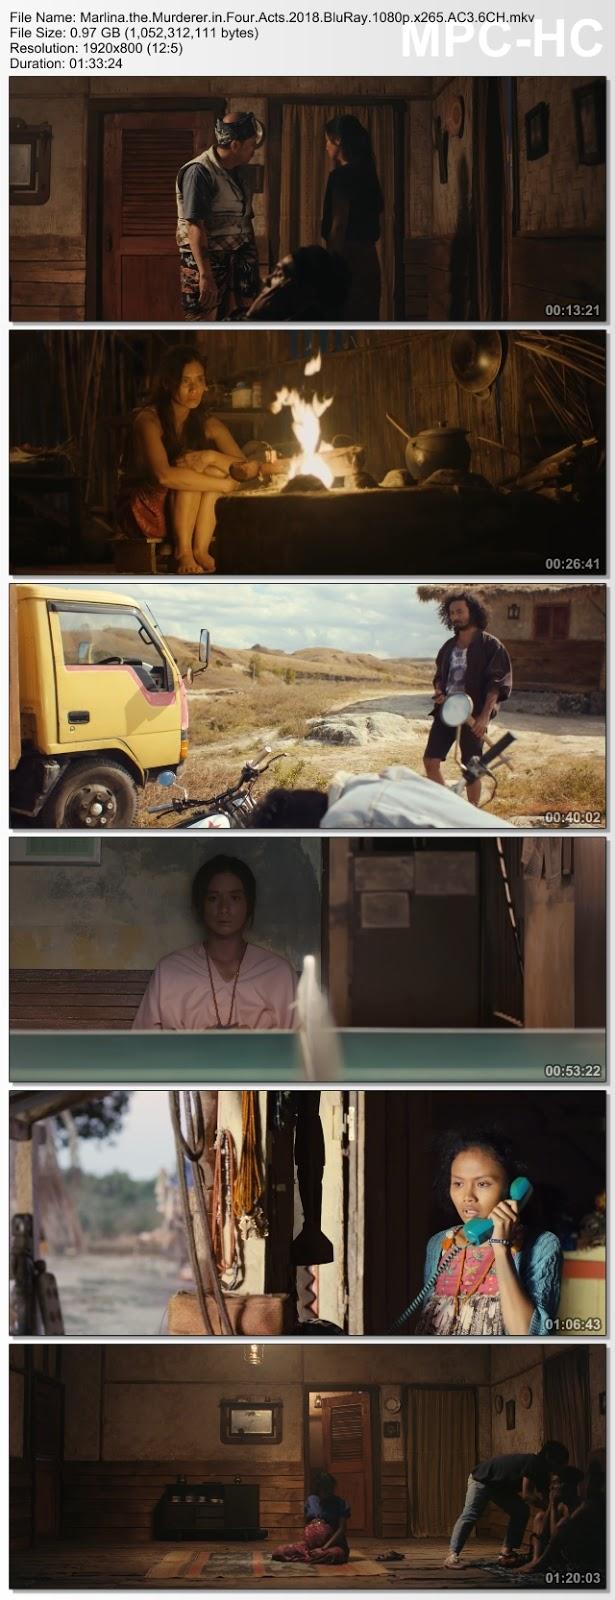 Screenshots Download Marlina, omicida in quattro atti (2018) BluRay 480p & 3GP